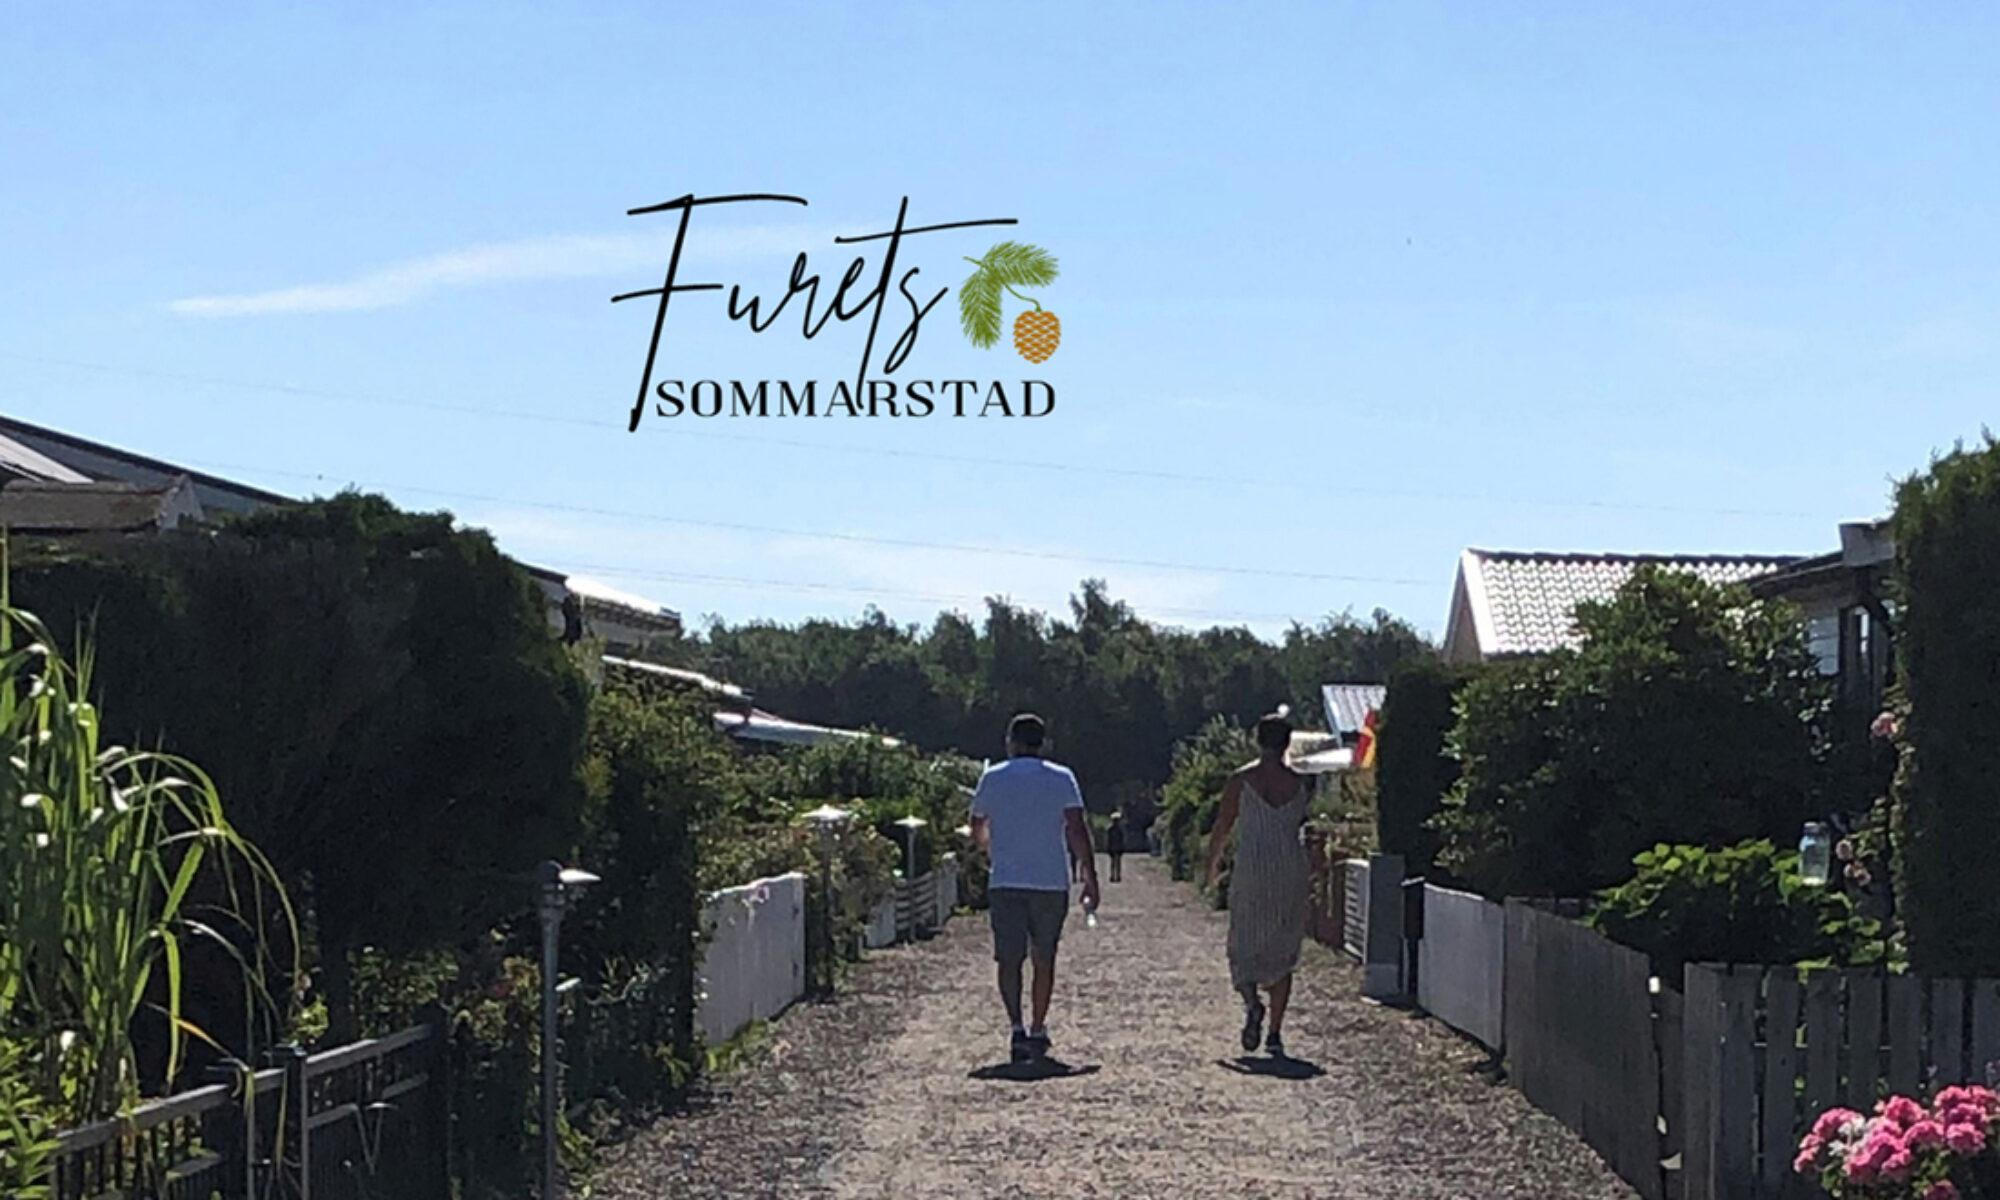 Furets Sommarstad